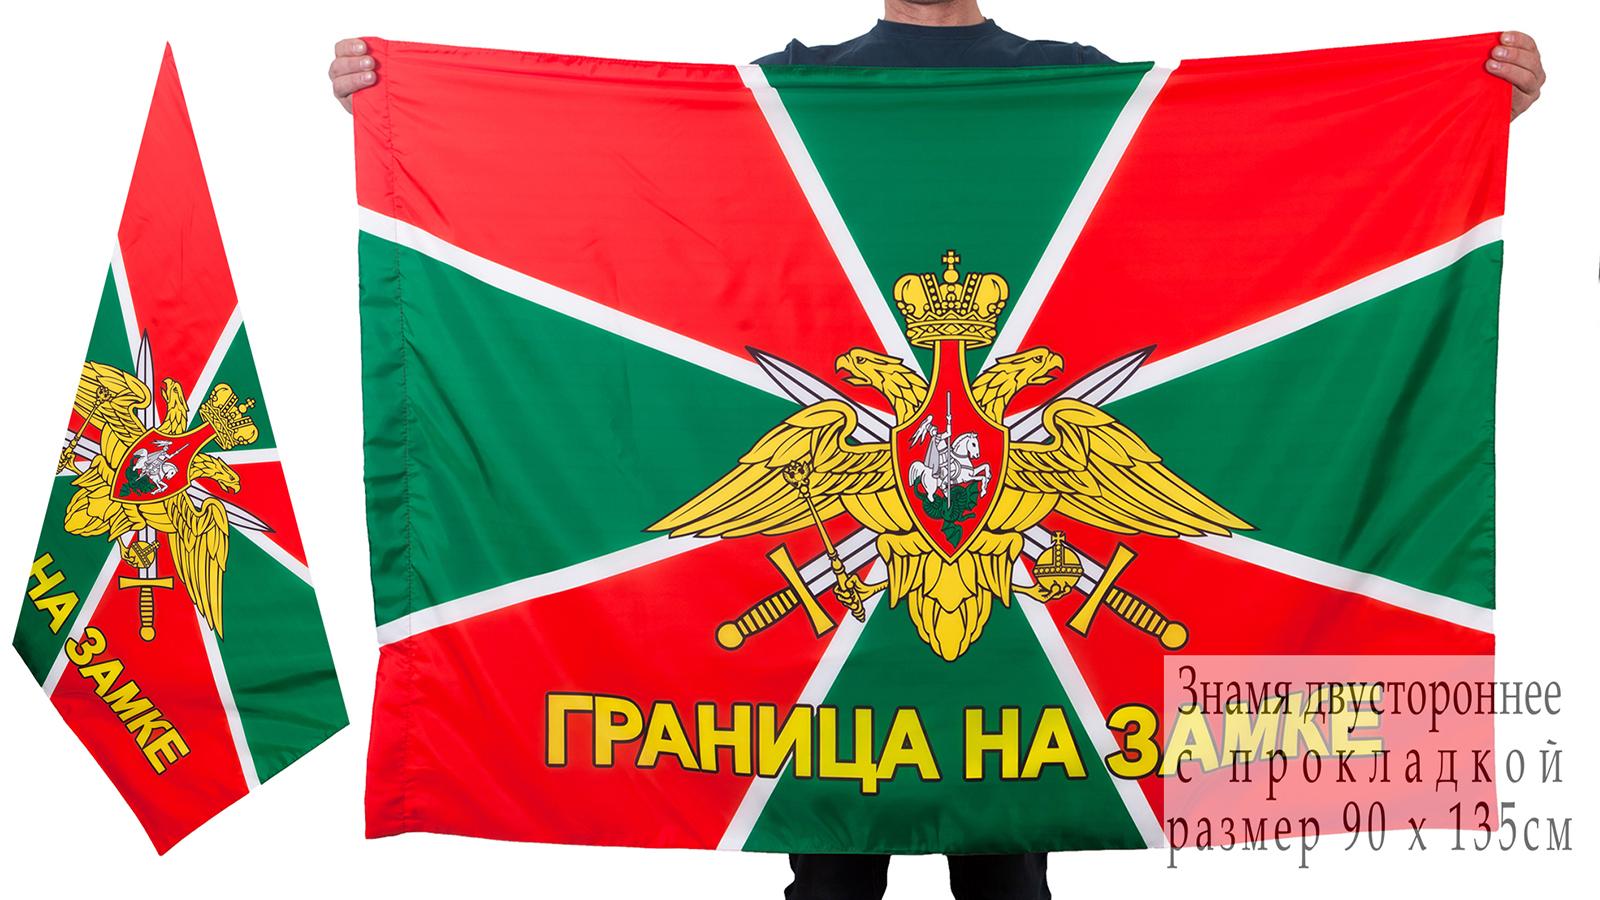 Флаг Граница на замке